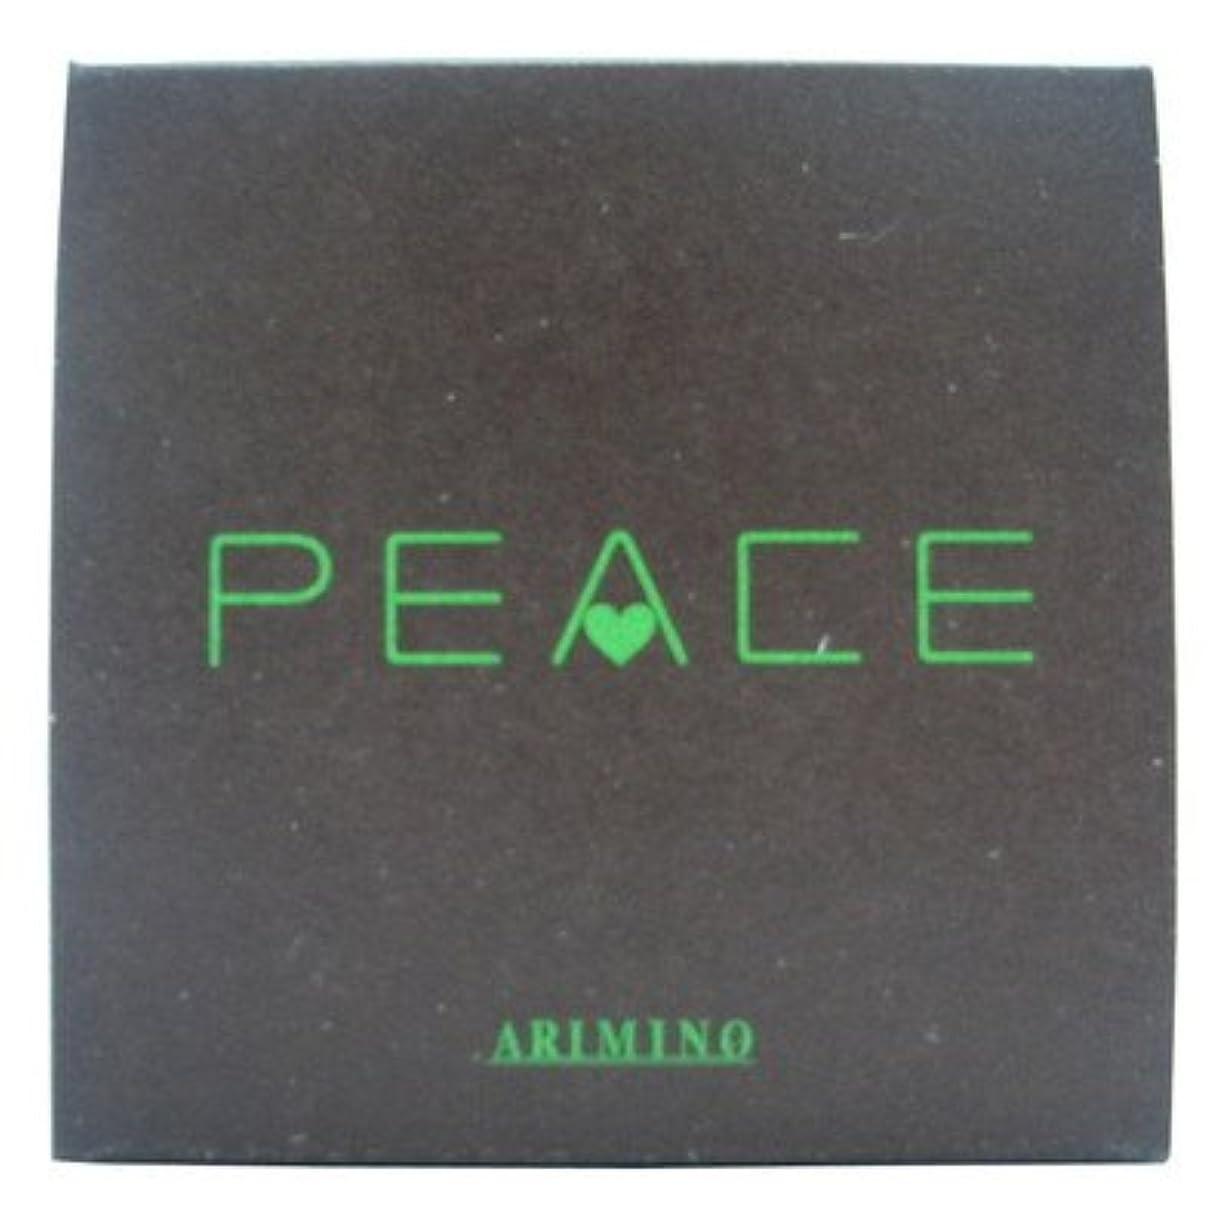 インデックス余裕がある鳩アリミノ ピース プロデザインシリーズ ハードワックス チョコ 40g【2個セット】